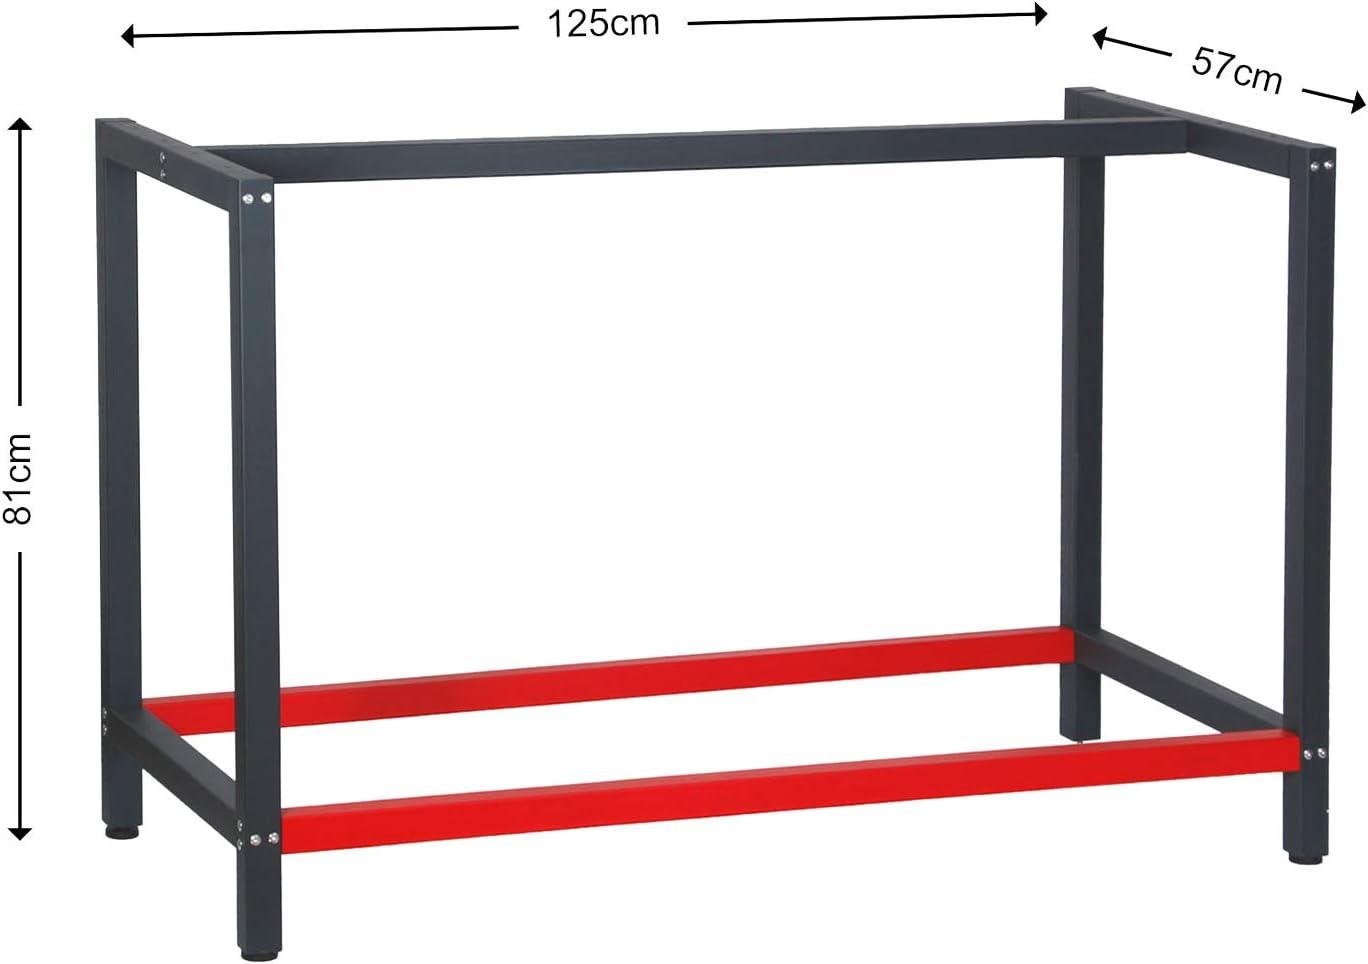 Bastidor para banco de trabajo 125x57x81cm Acero Antracita-rojo ...